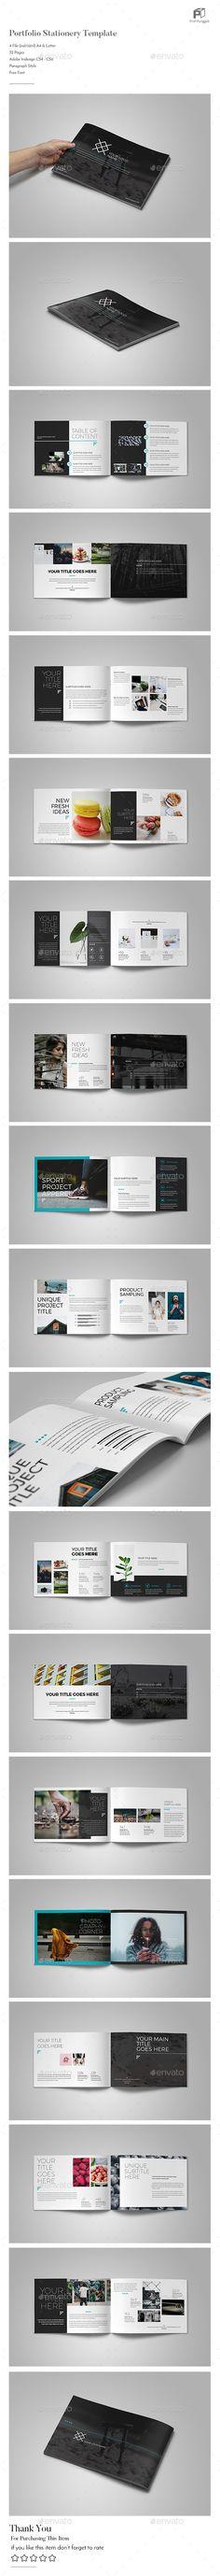 Modern Brochure — InDesign INDD #elegant #horizontal • Download ➝ https://graphicriver.net/item/modern-brochure/20476797?ref=pxcr